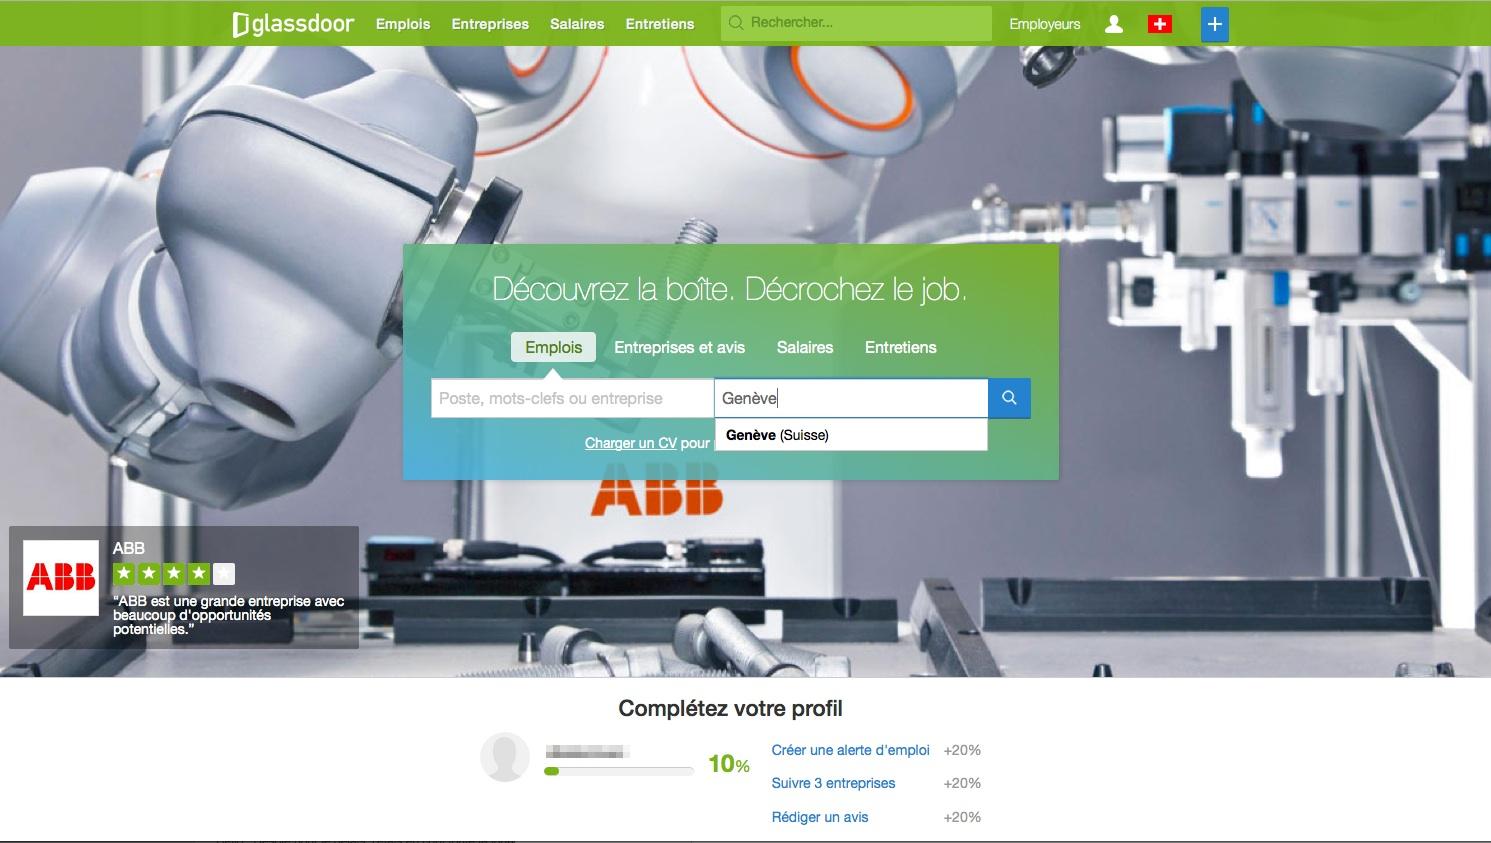 Moteur de recherche emploi cadre 28 images moteur de for Moteur de recherche hotel